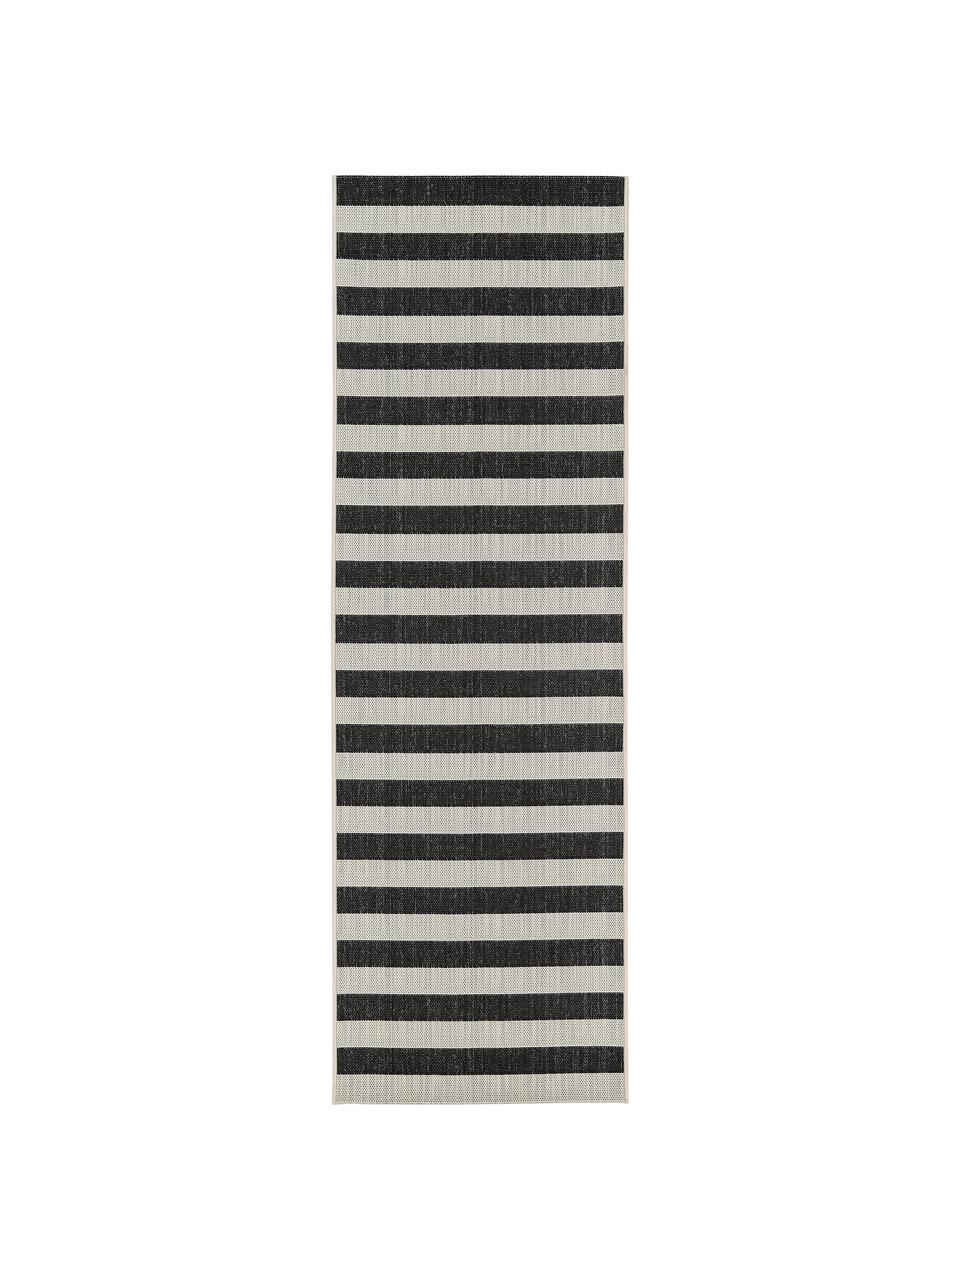 Passatoia a righe color nero/bianco a righe da interno-esterno Axa, 86% polipropilene, 14% poliestere, Bianco crema, nero, Larg. 80 x Lung. 250 cm